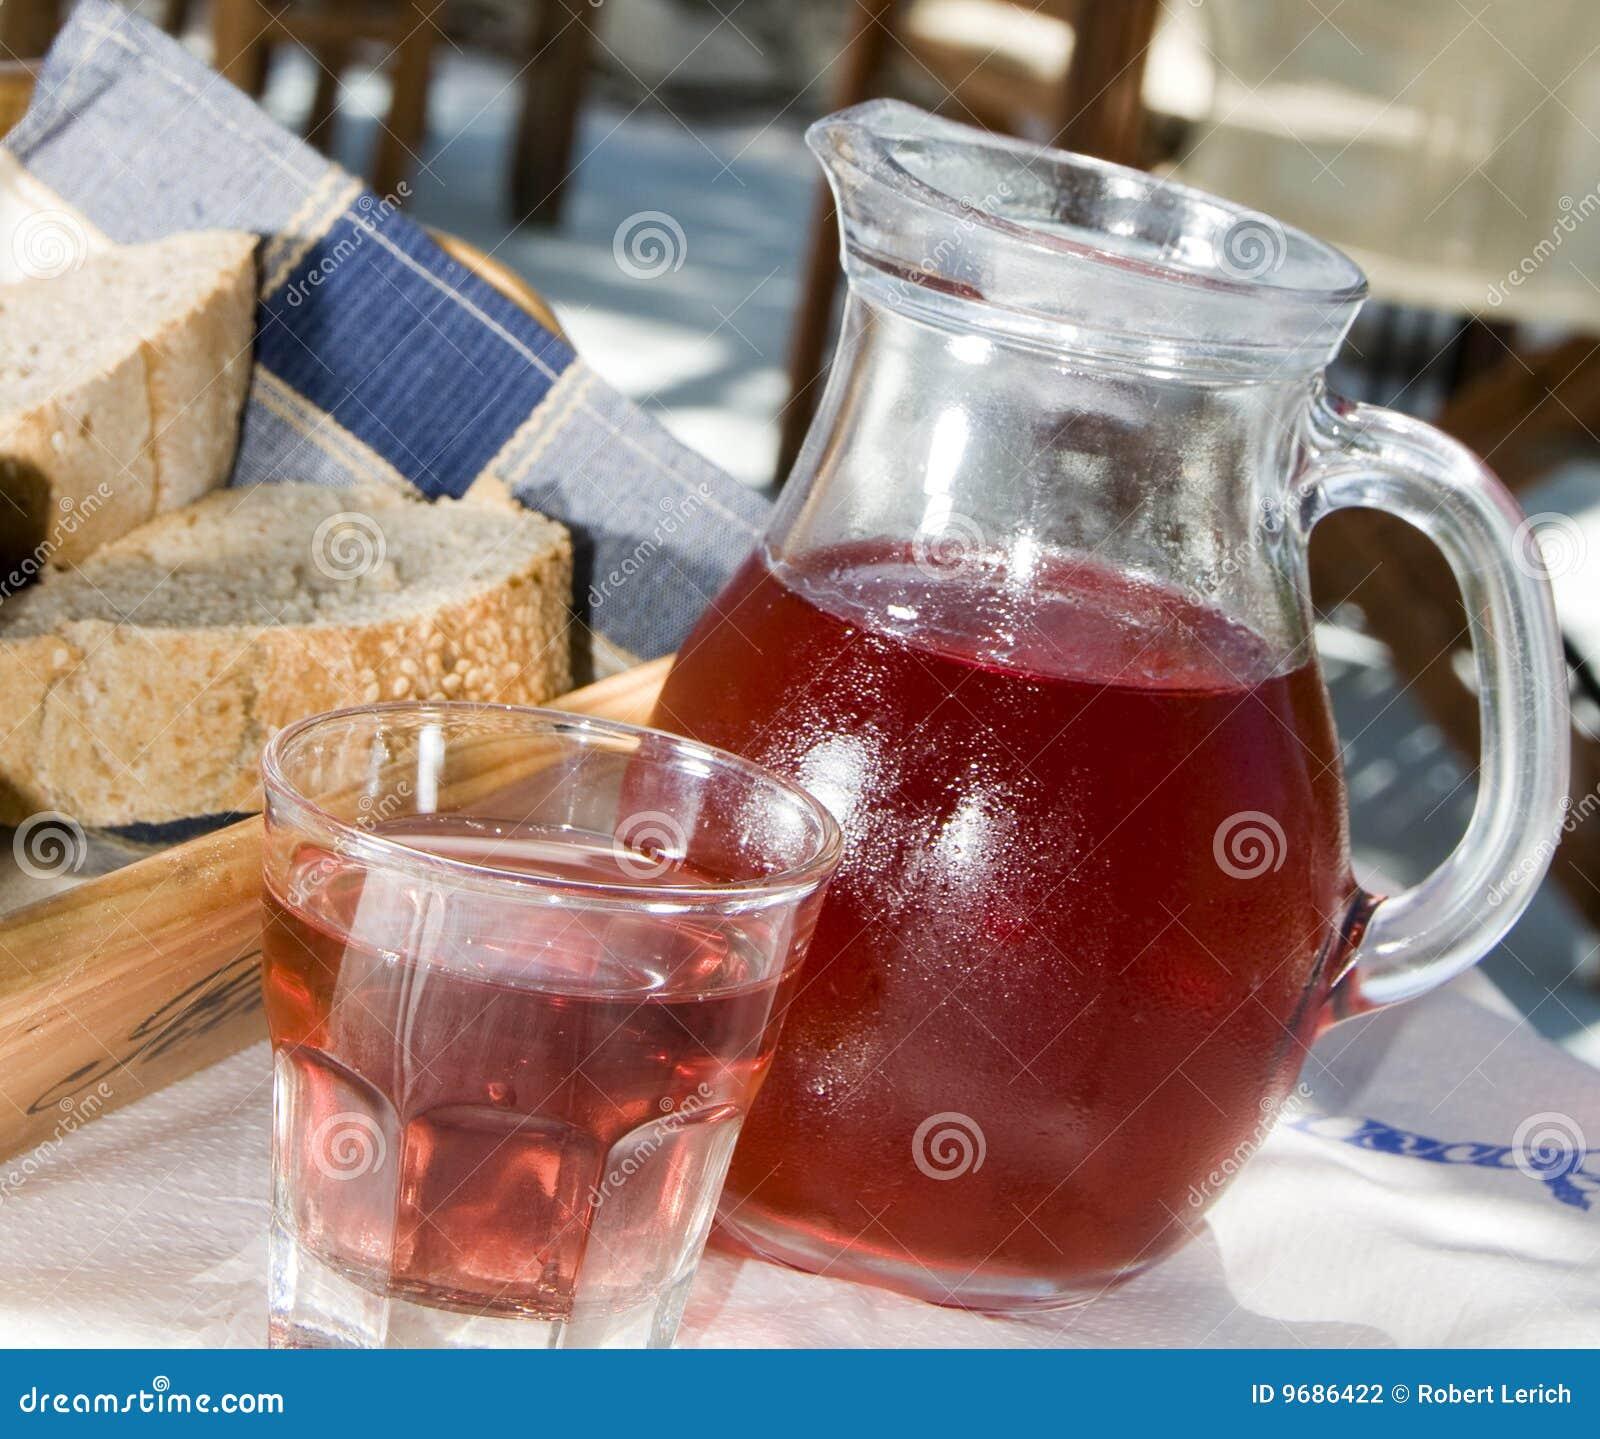 Griekse taverna van het wijn knapperige brood